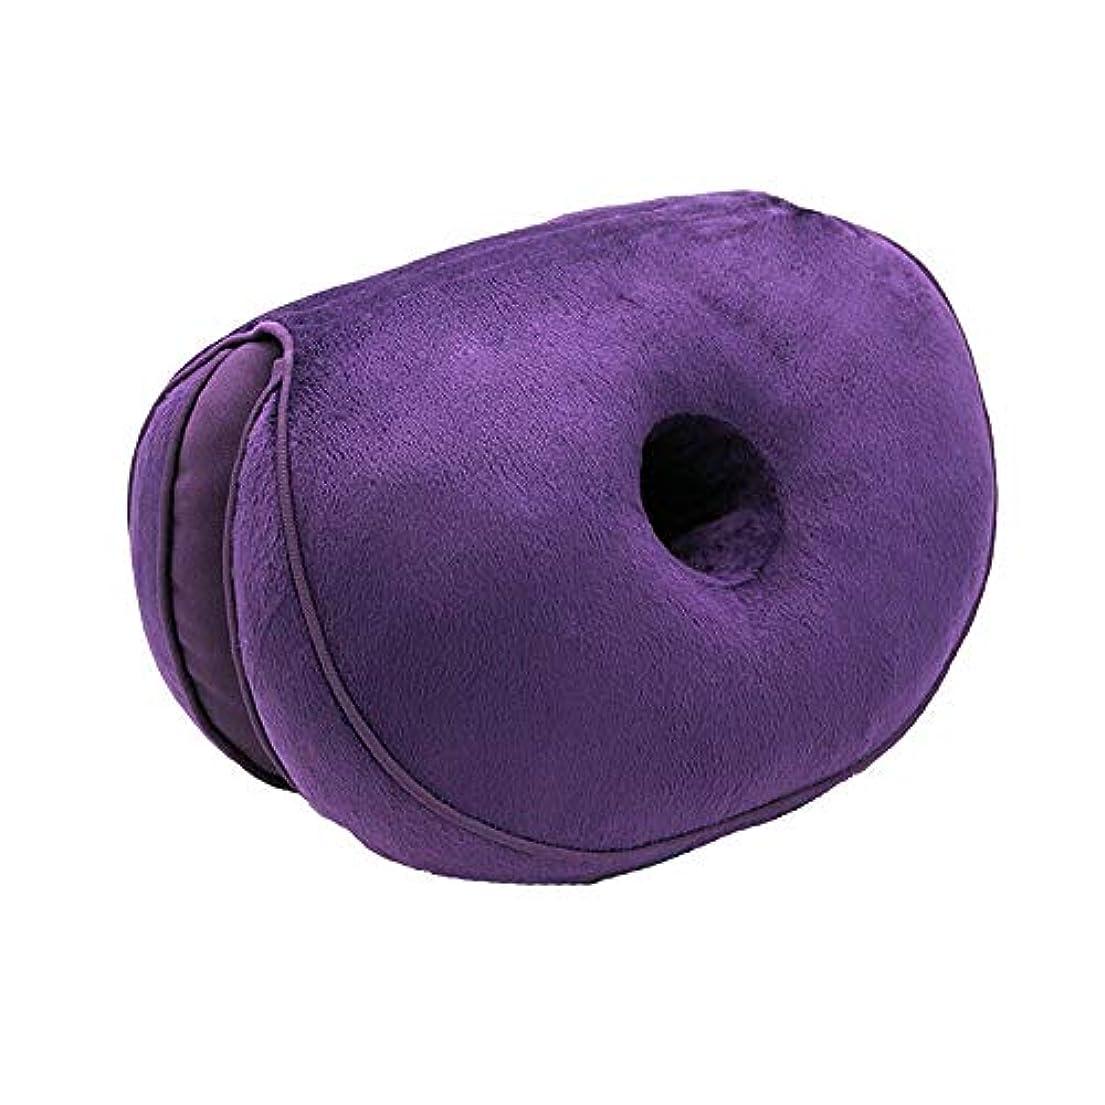 蓋ゼロ文化LIFE 新デュアルシートクッション低反発ラテックスオフィスチェアバックシートクッション快適な臀部マットパッド枕旅行枕女性女の子 クッション 椅子